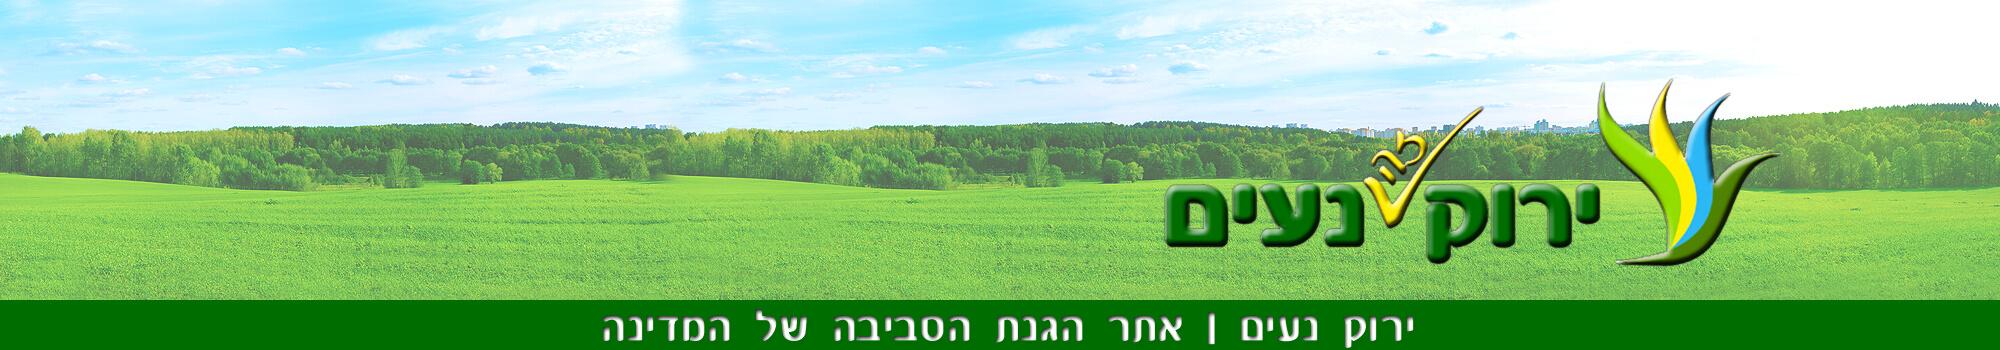 ירוק נעים | אתר הגנת הסביבה של המדינה